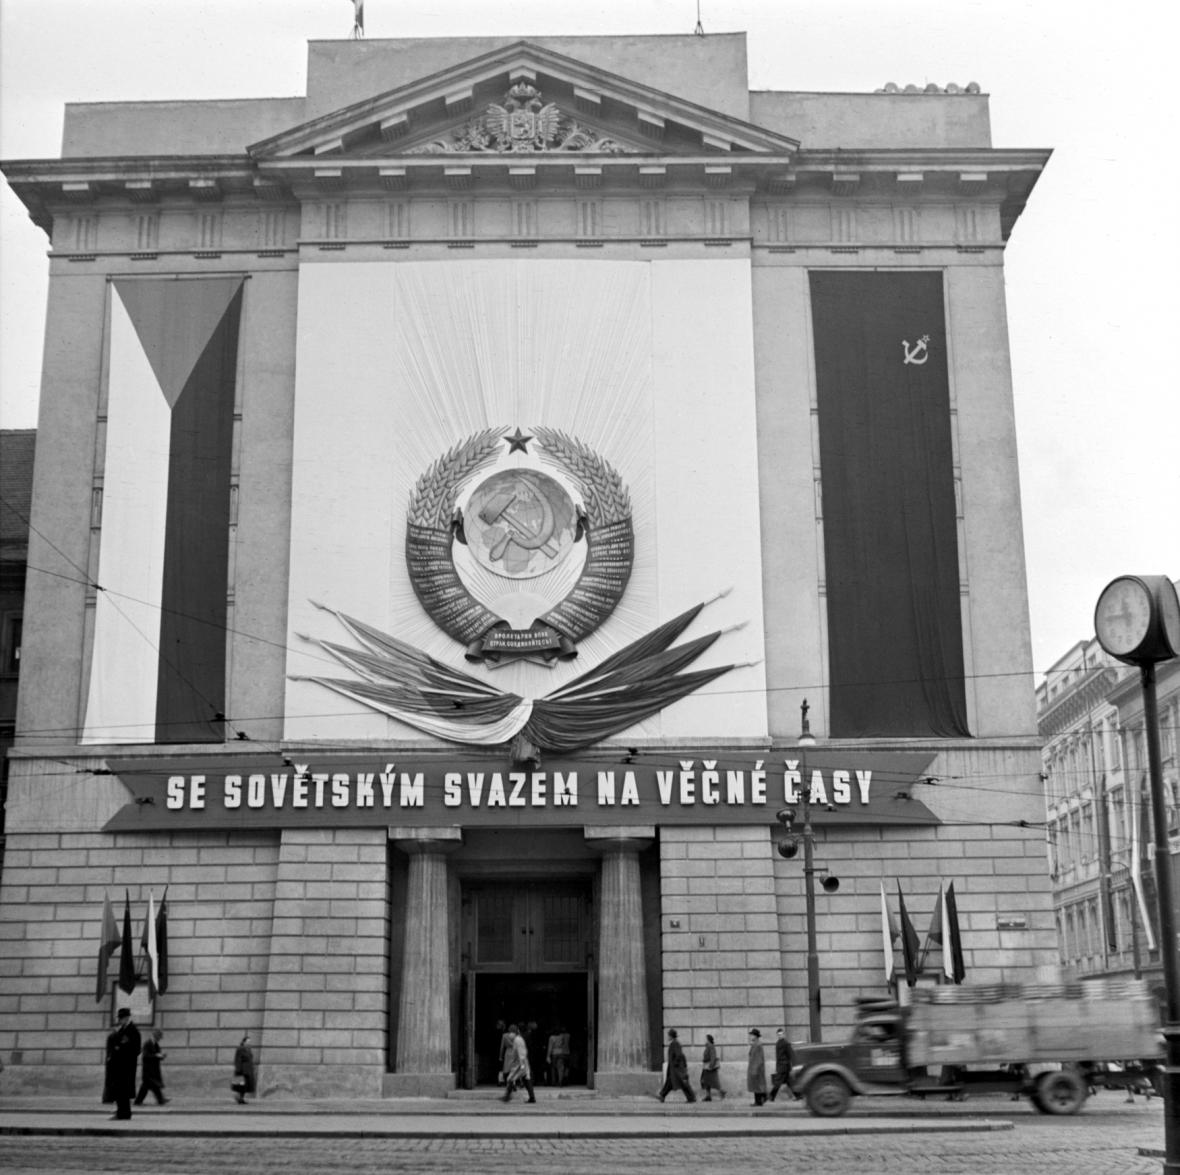 Se Sovětským svatem na věčné časy